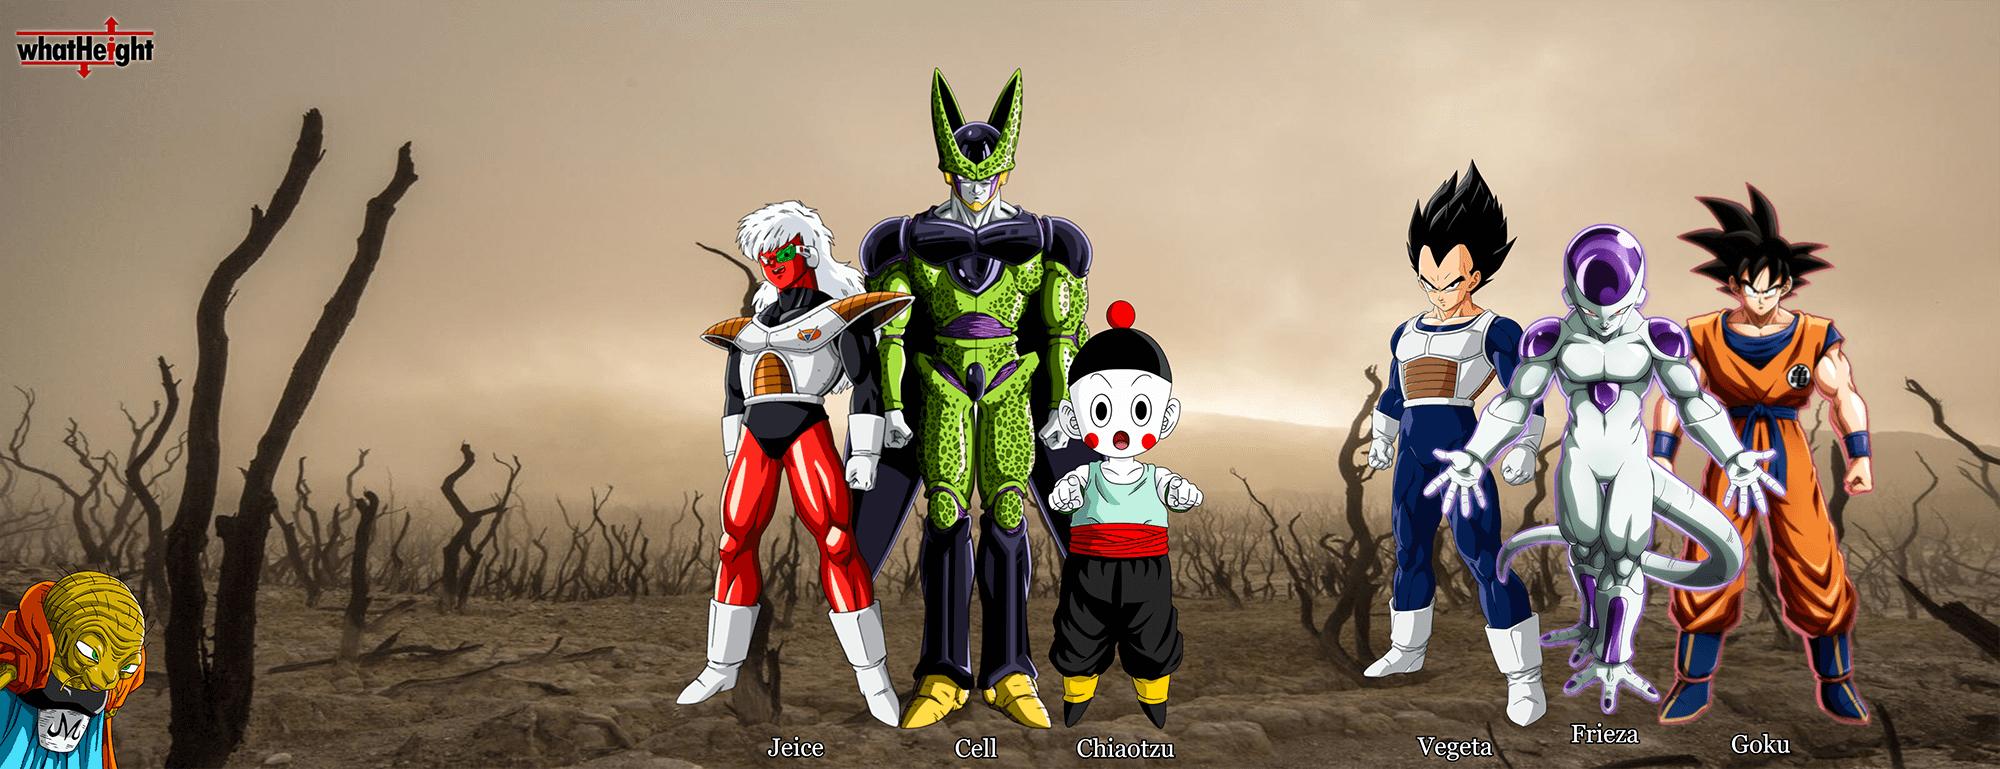 Anime Dragon Ball Size Comparison Anime Characters Anime Dragon Ball Anime